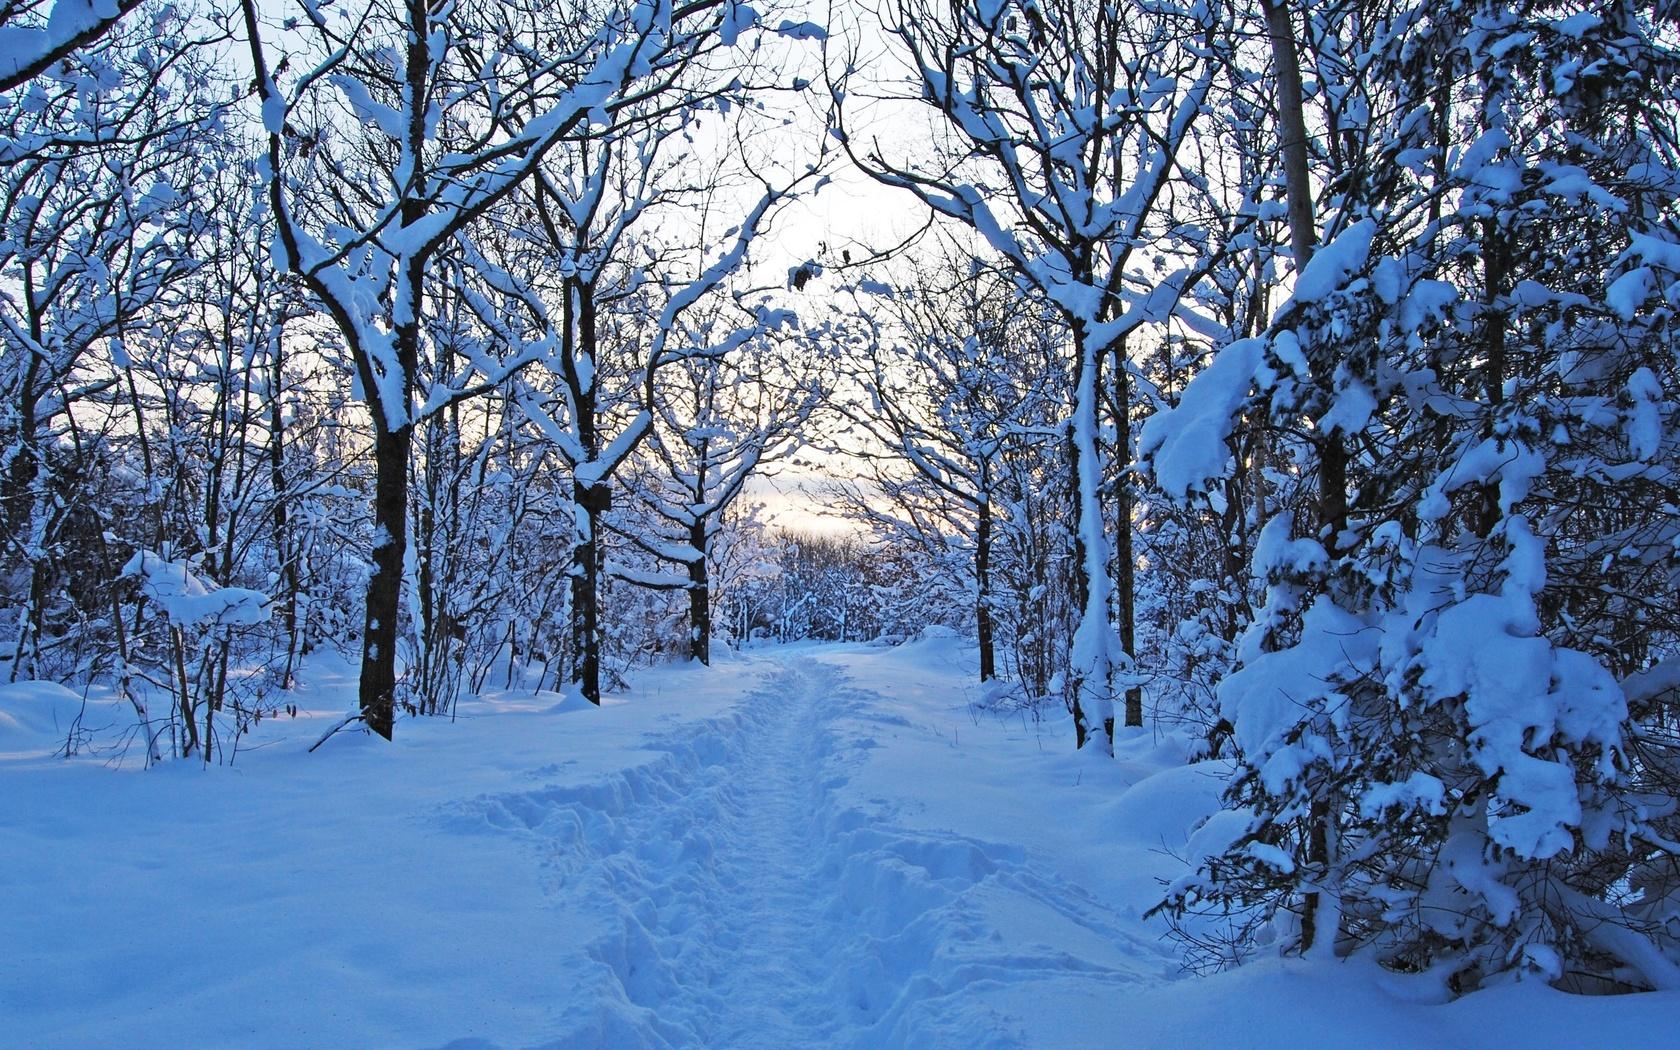 швеция, деревья, густой снег, зима